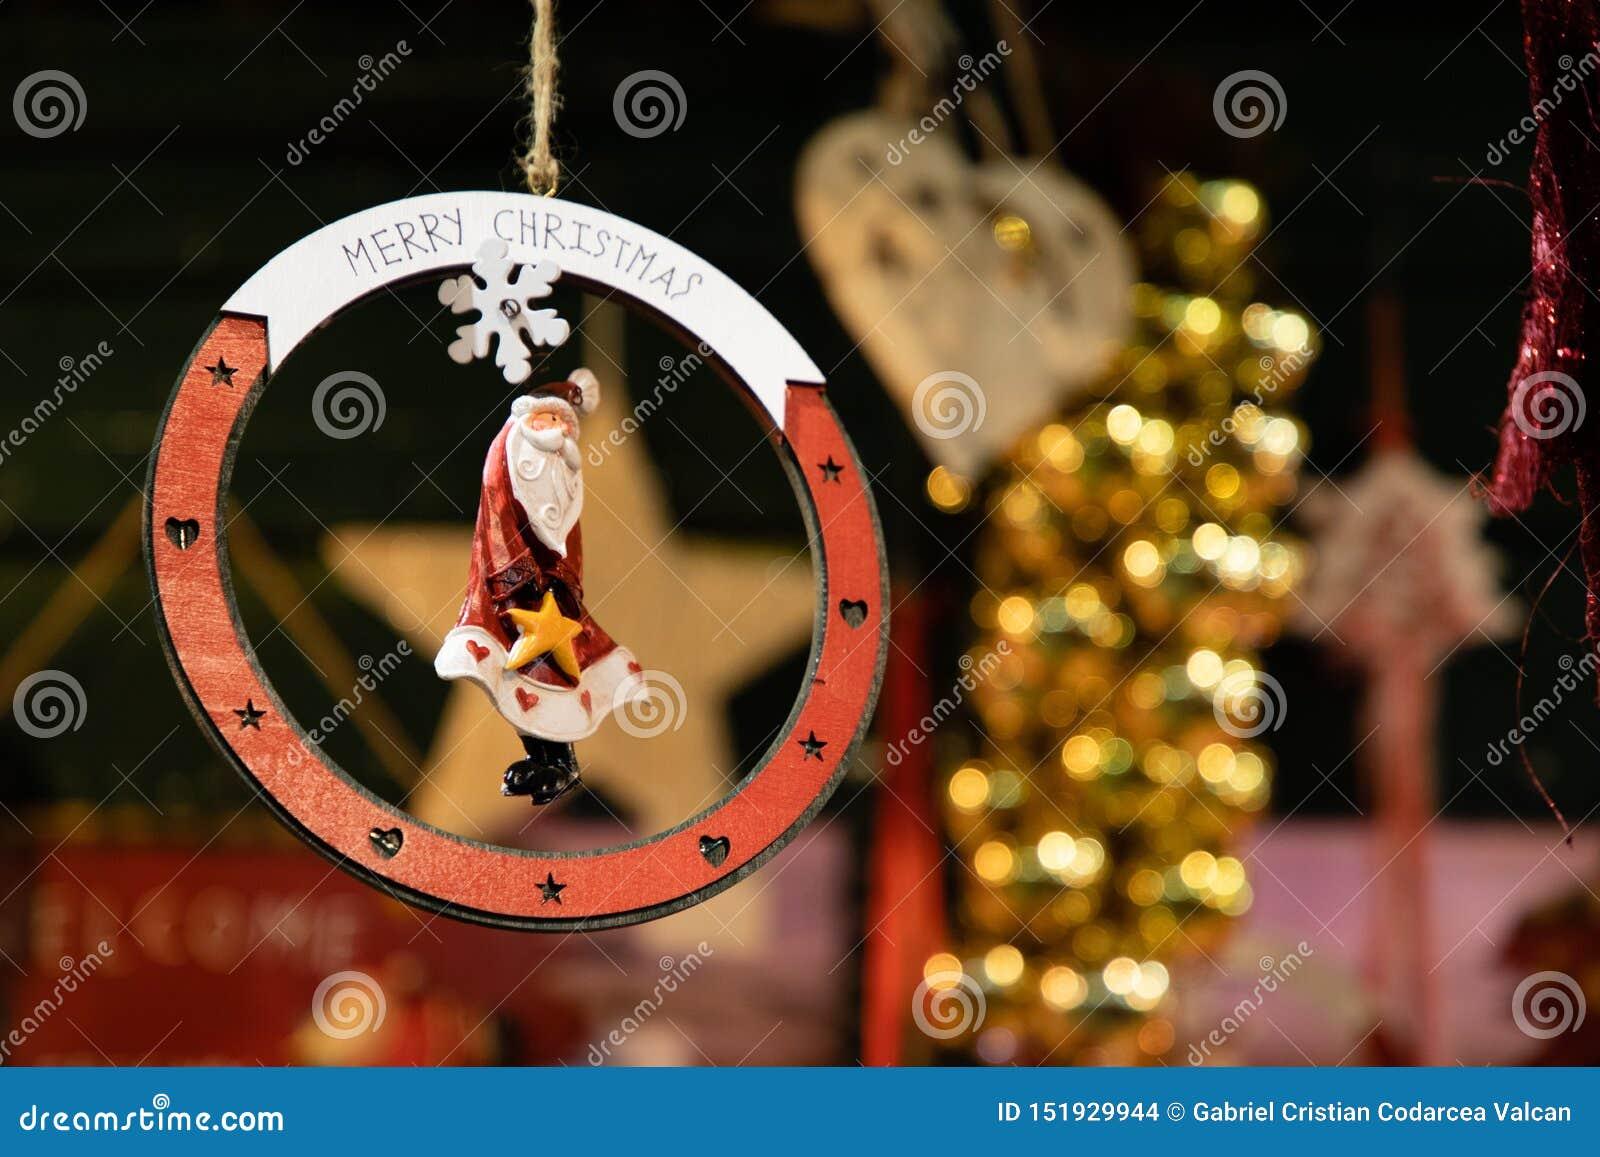 De decoratievorm van de kerstboomster